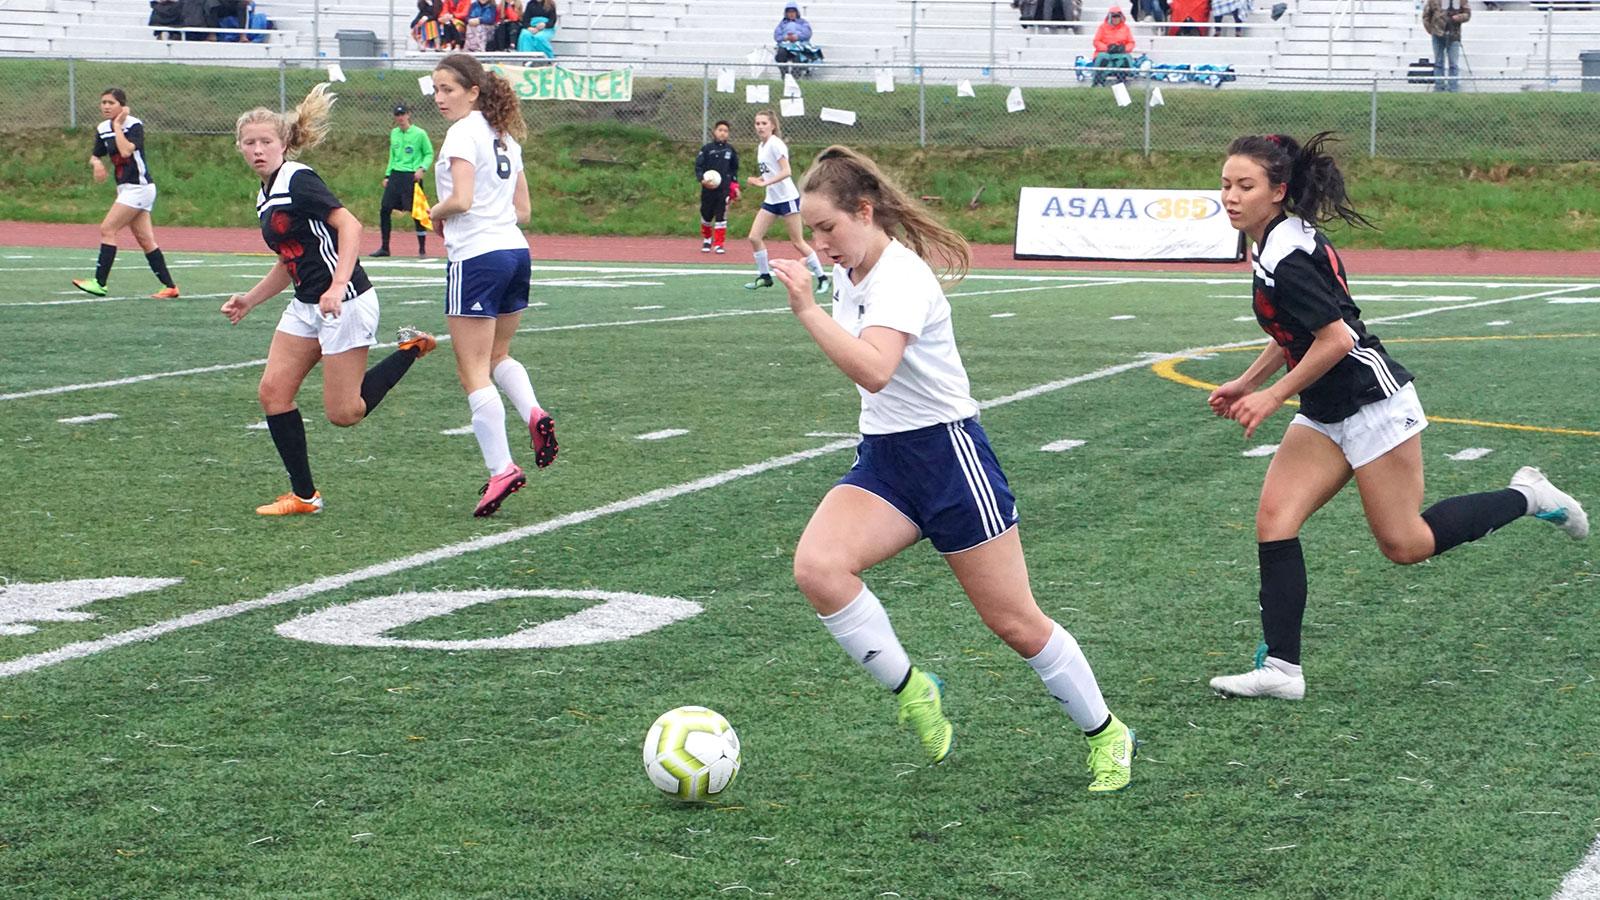 d2-girls-soccer-2